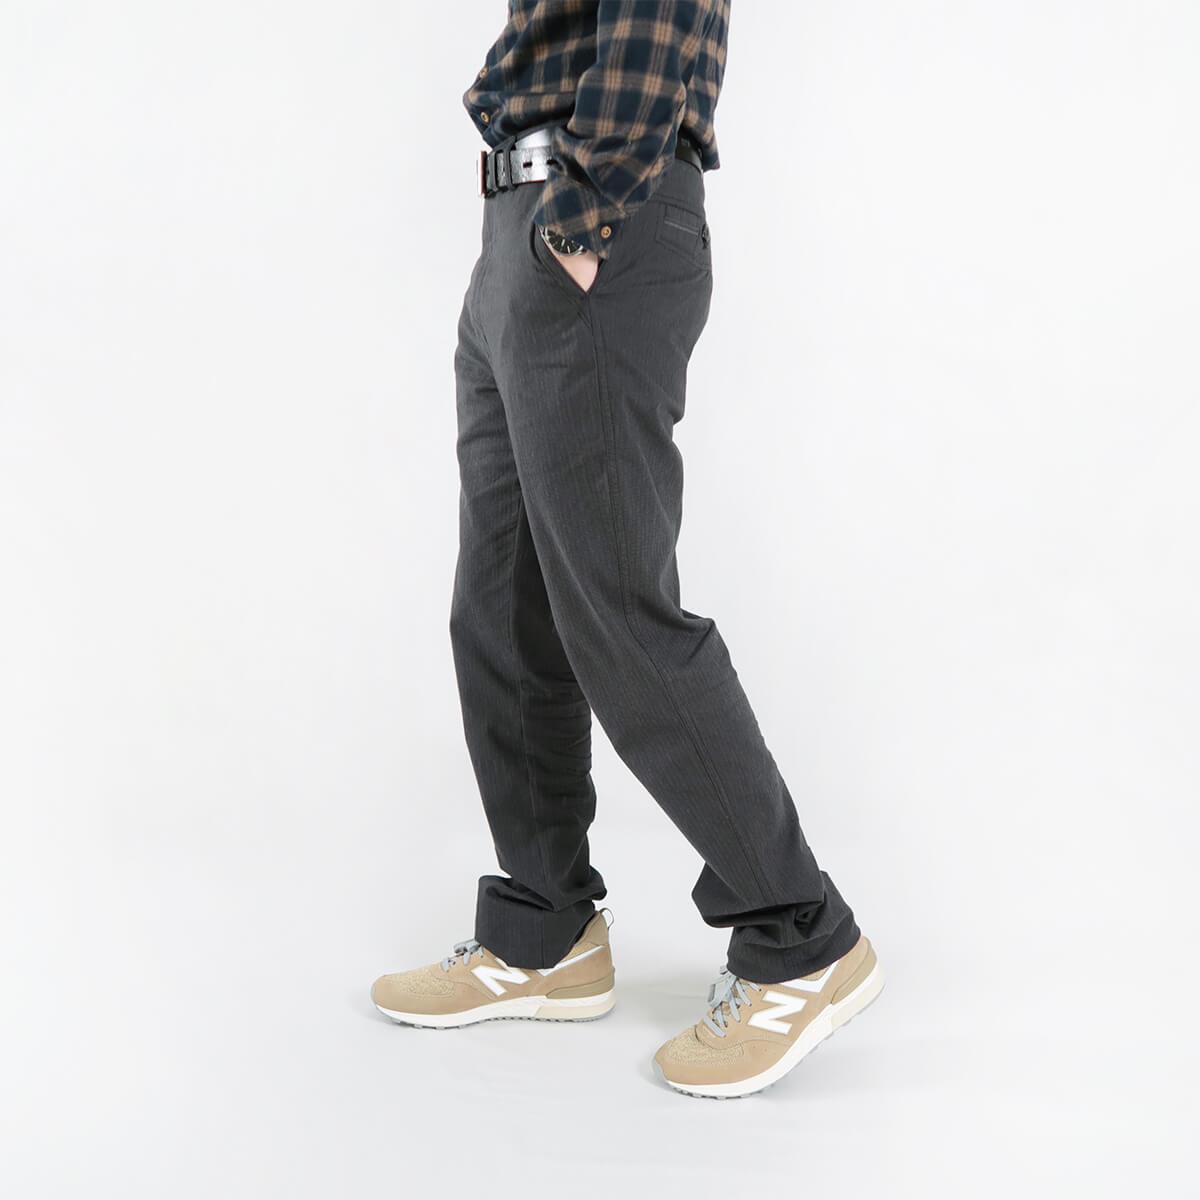 加大尺碼精梳棉平面休閒長褲 顯瘦長褲 彈性長褲 斜口袋條紋長褲 版型修飾腿型更顯修長 COMBED COTTON CASUAL PANTS FLAT FRONT STRAIGHT PANTS SLIM PANTS (321-1071-01)黑色 腰圍30~41(英吋) [實體店面保障] sun-e 4